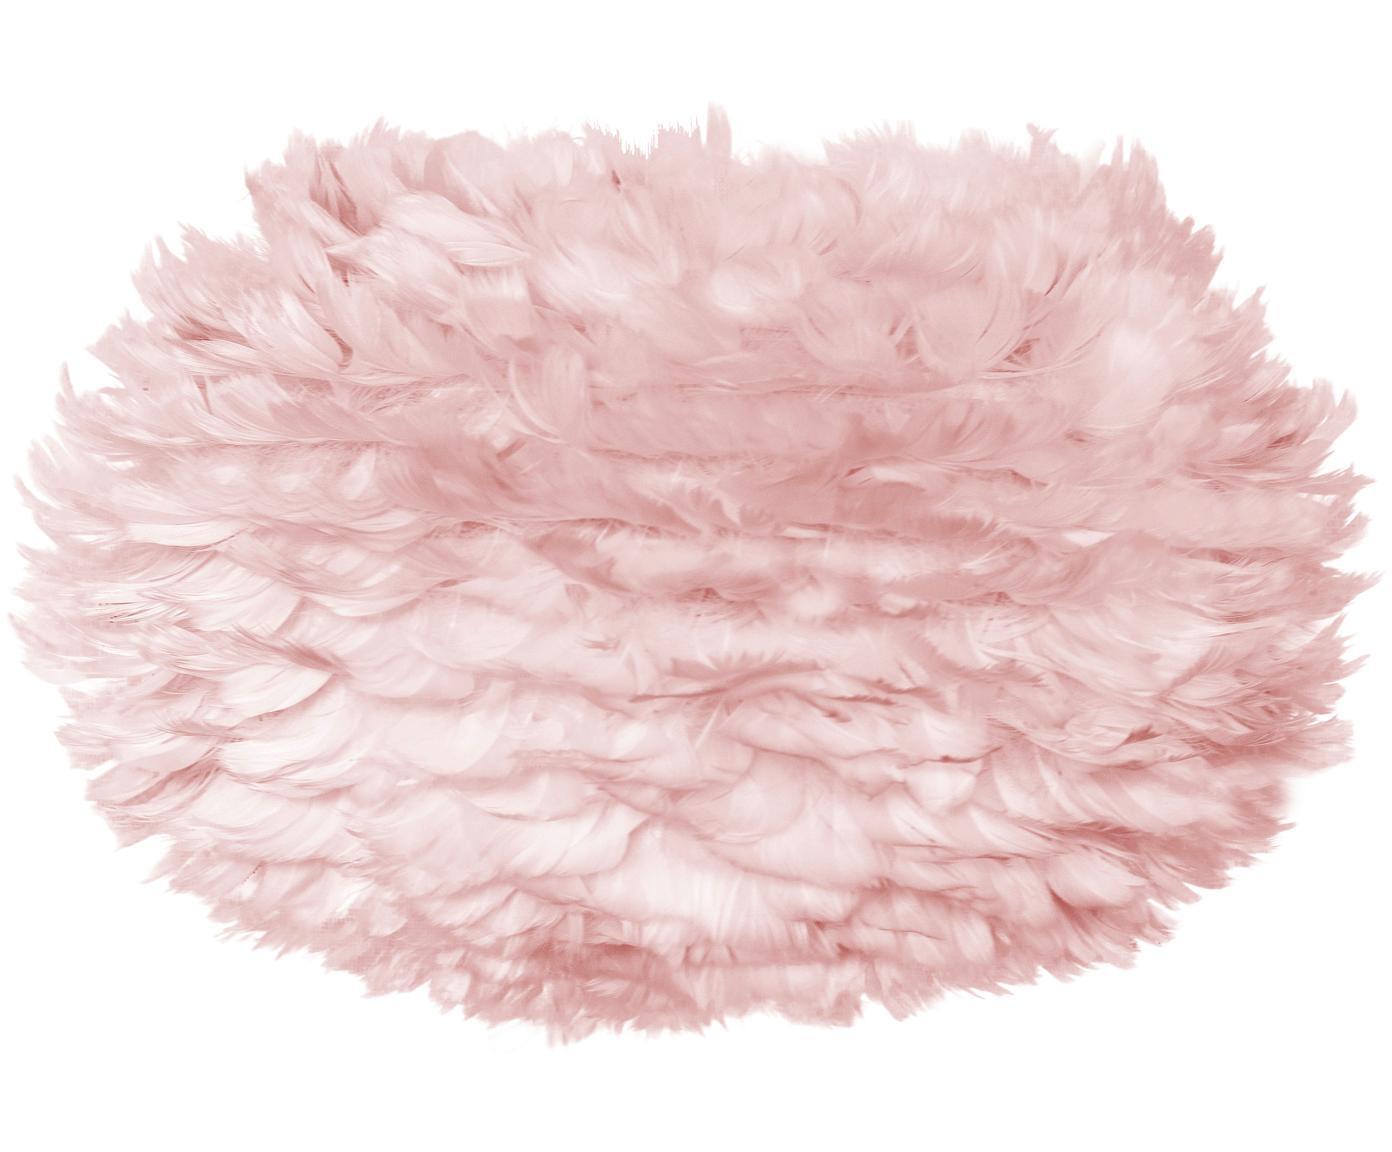 Klosz Eos, Pióra gęsie, stal, Jasny różowy, Ø 45 x W 30 cm